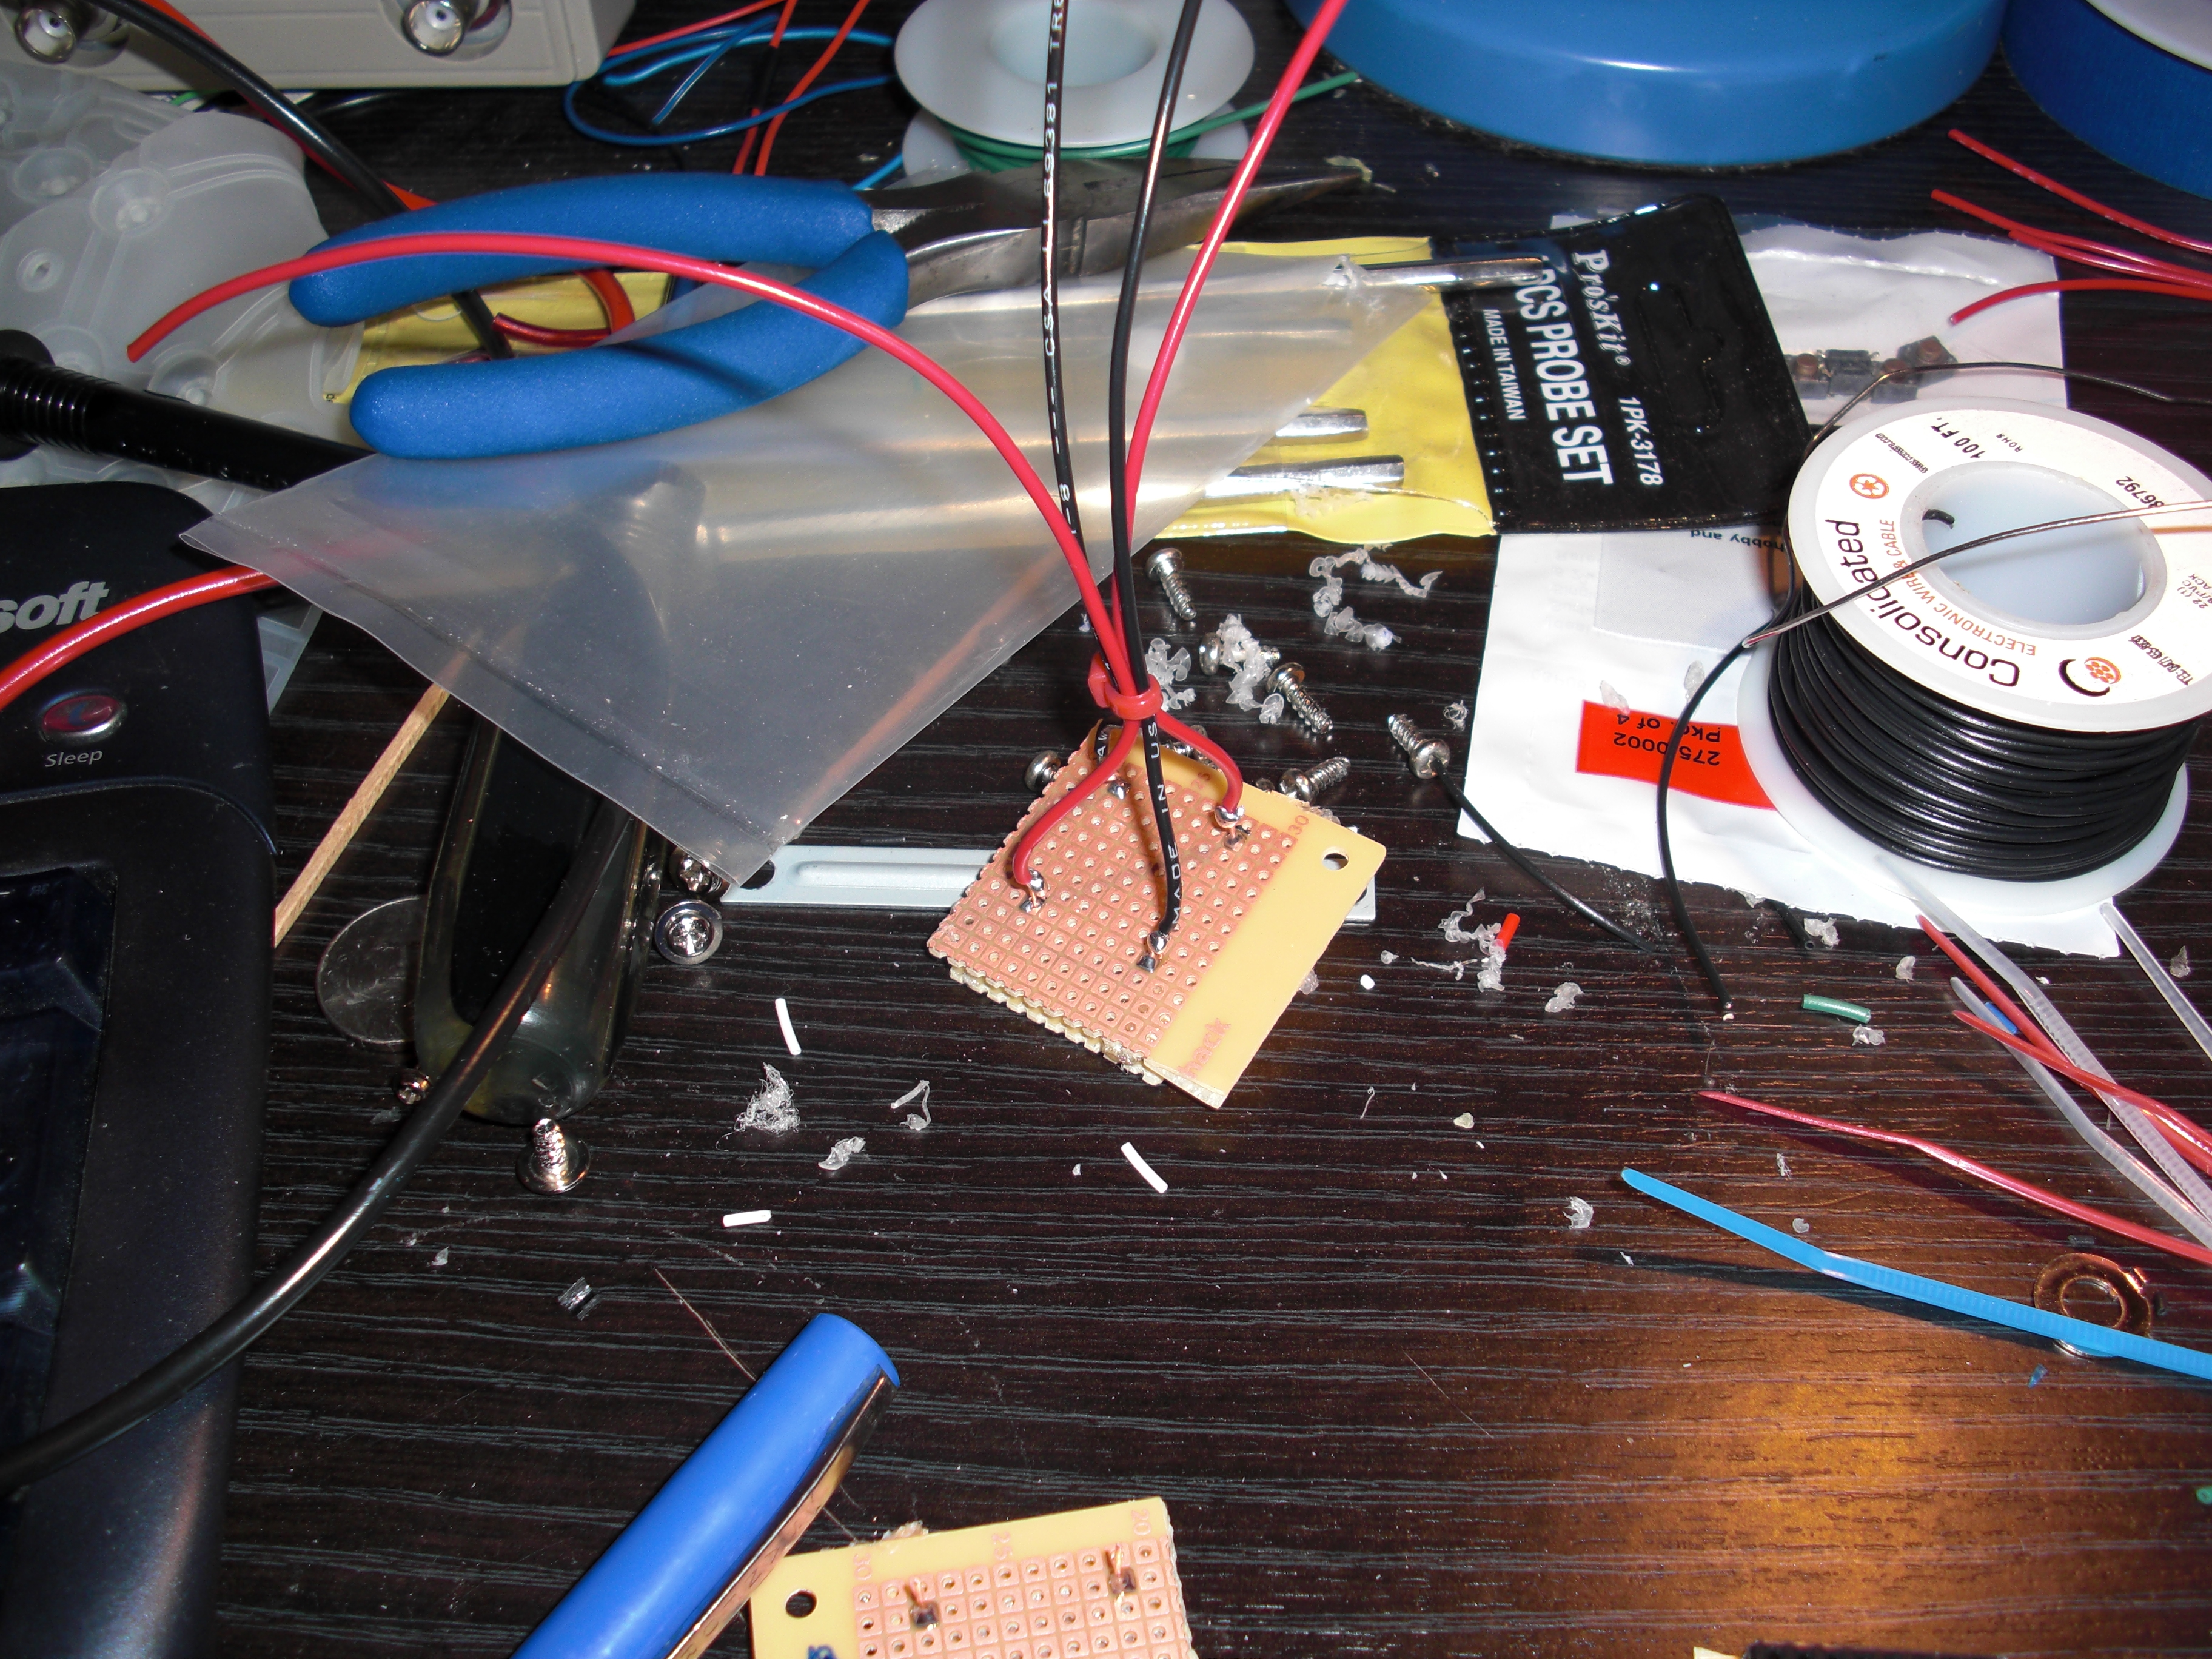 Picture of Five-cent Tilt Sensor